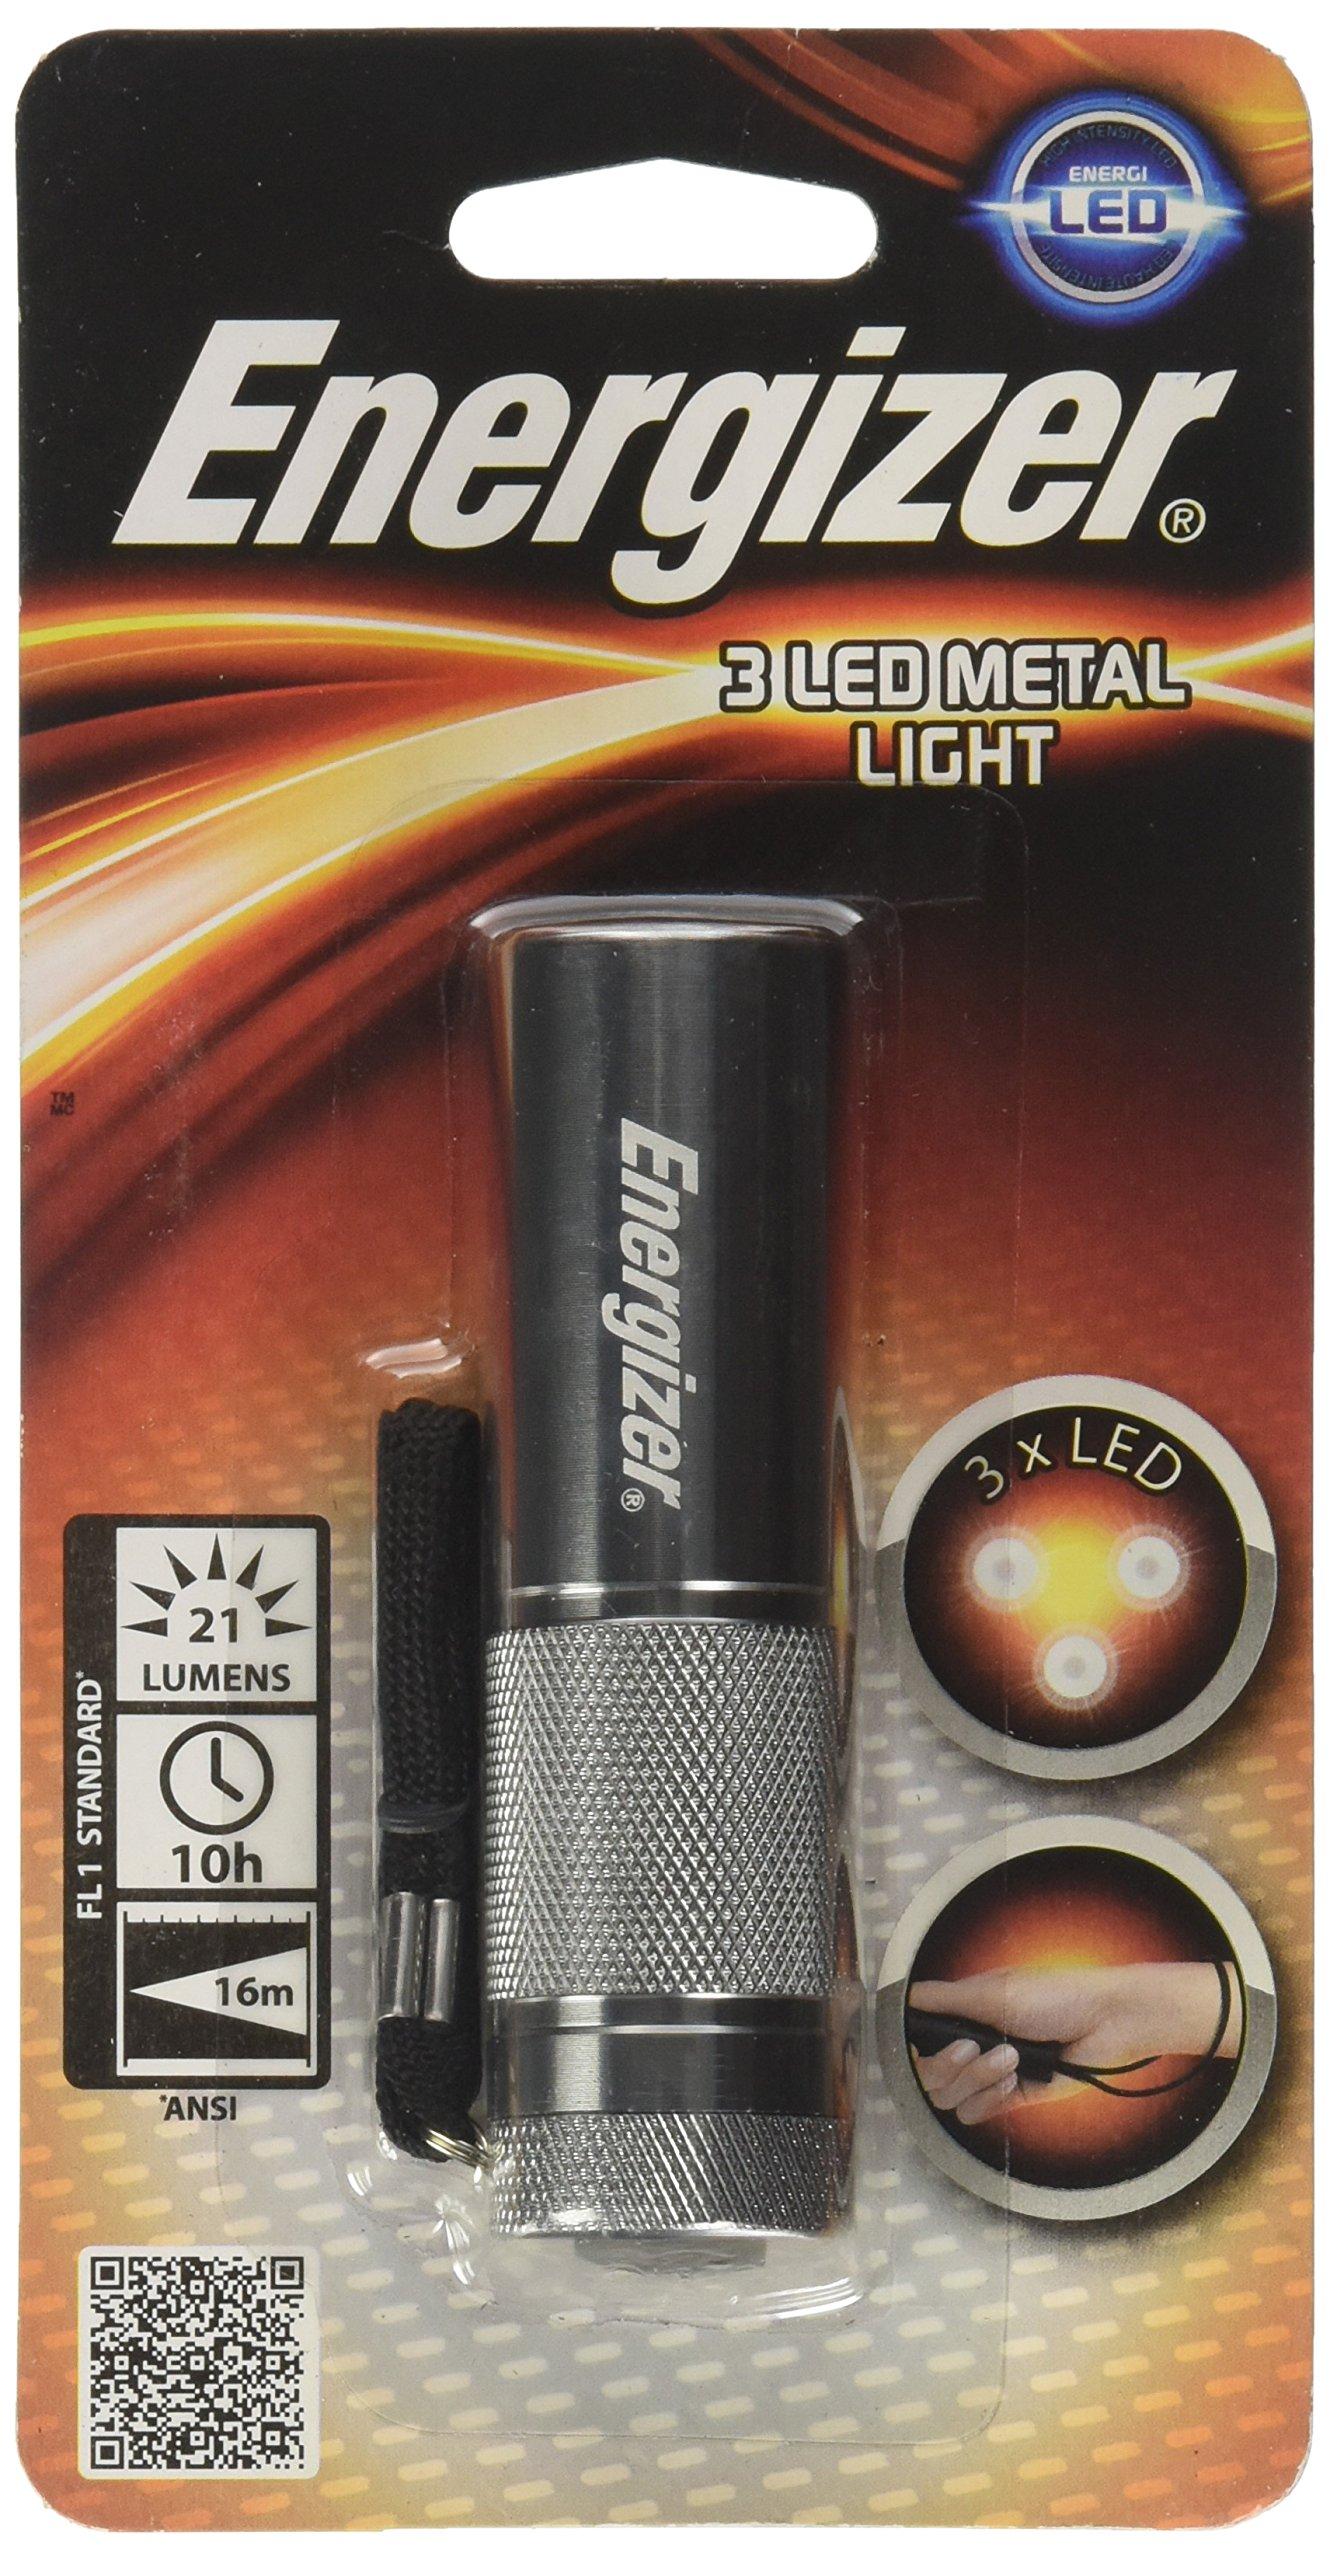 Energizer 手电筒 银 9.5 x 2.8 x 2.8 cm 638842